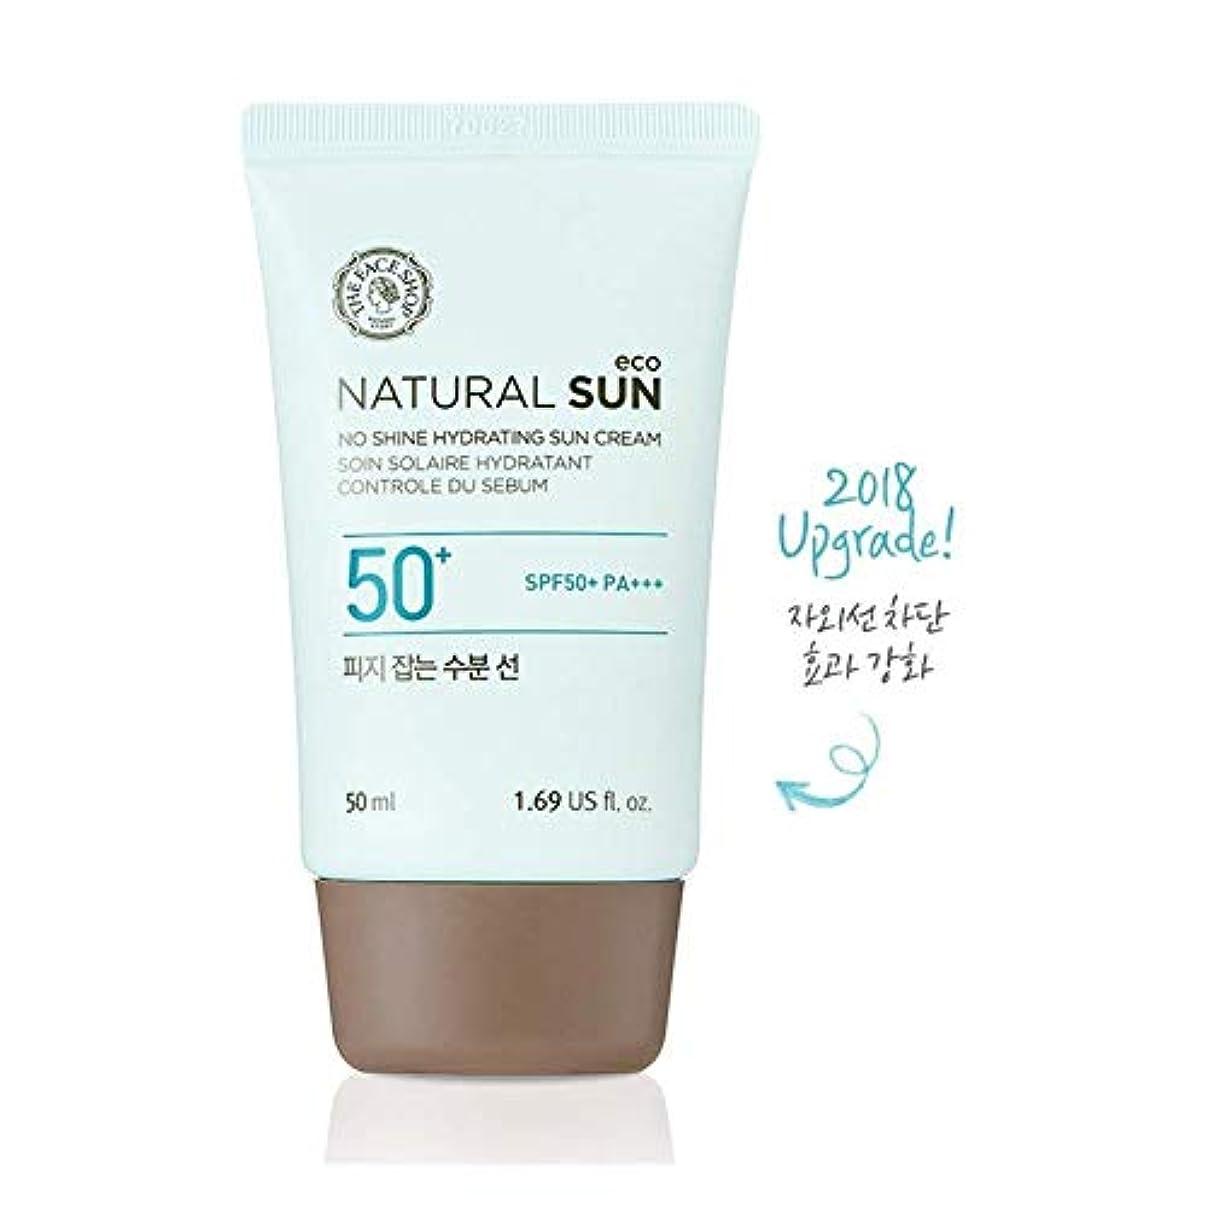 ダンス視線針ザ?フェイスショップ ネチュロルソンエコフィジーサン?クリーム SPF50+PA+++50ml 韓国コスメ、The Face Shop Natural Sun Eco No Shine Hydrating Sun Cream...